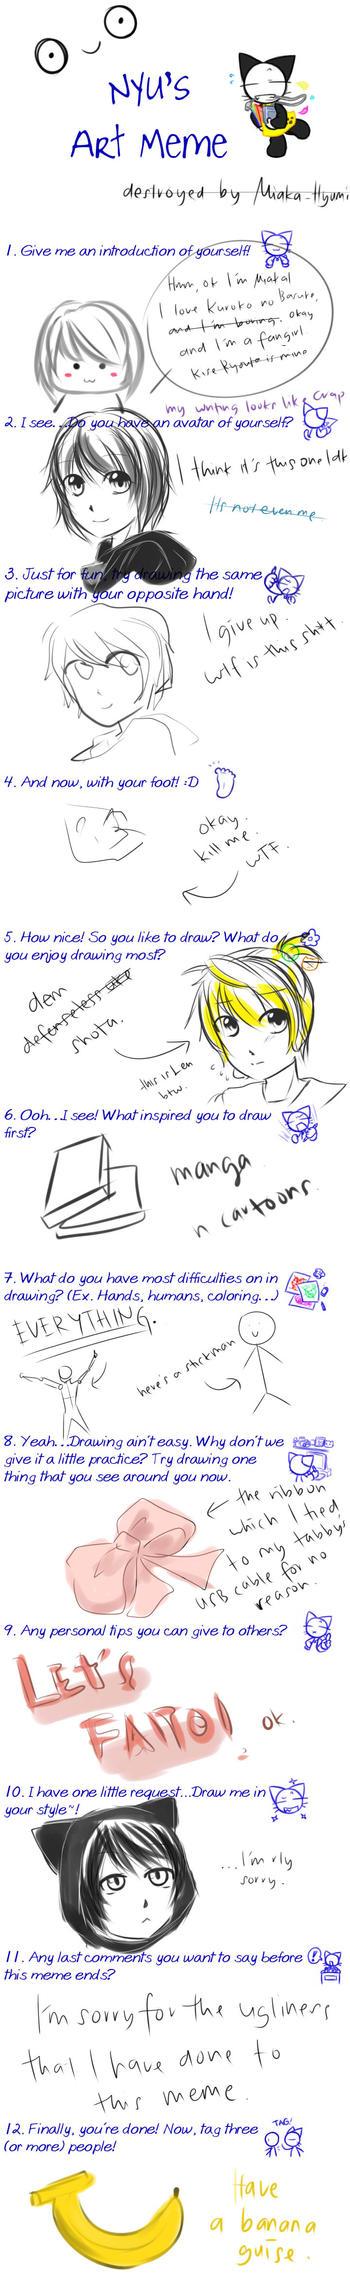 Art Meme by Miaka-Hyumi